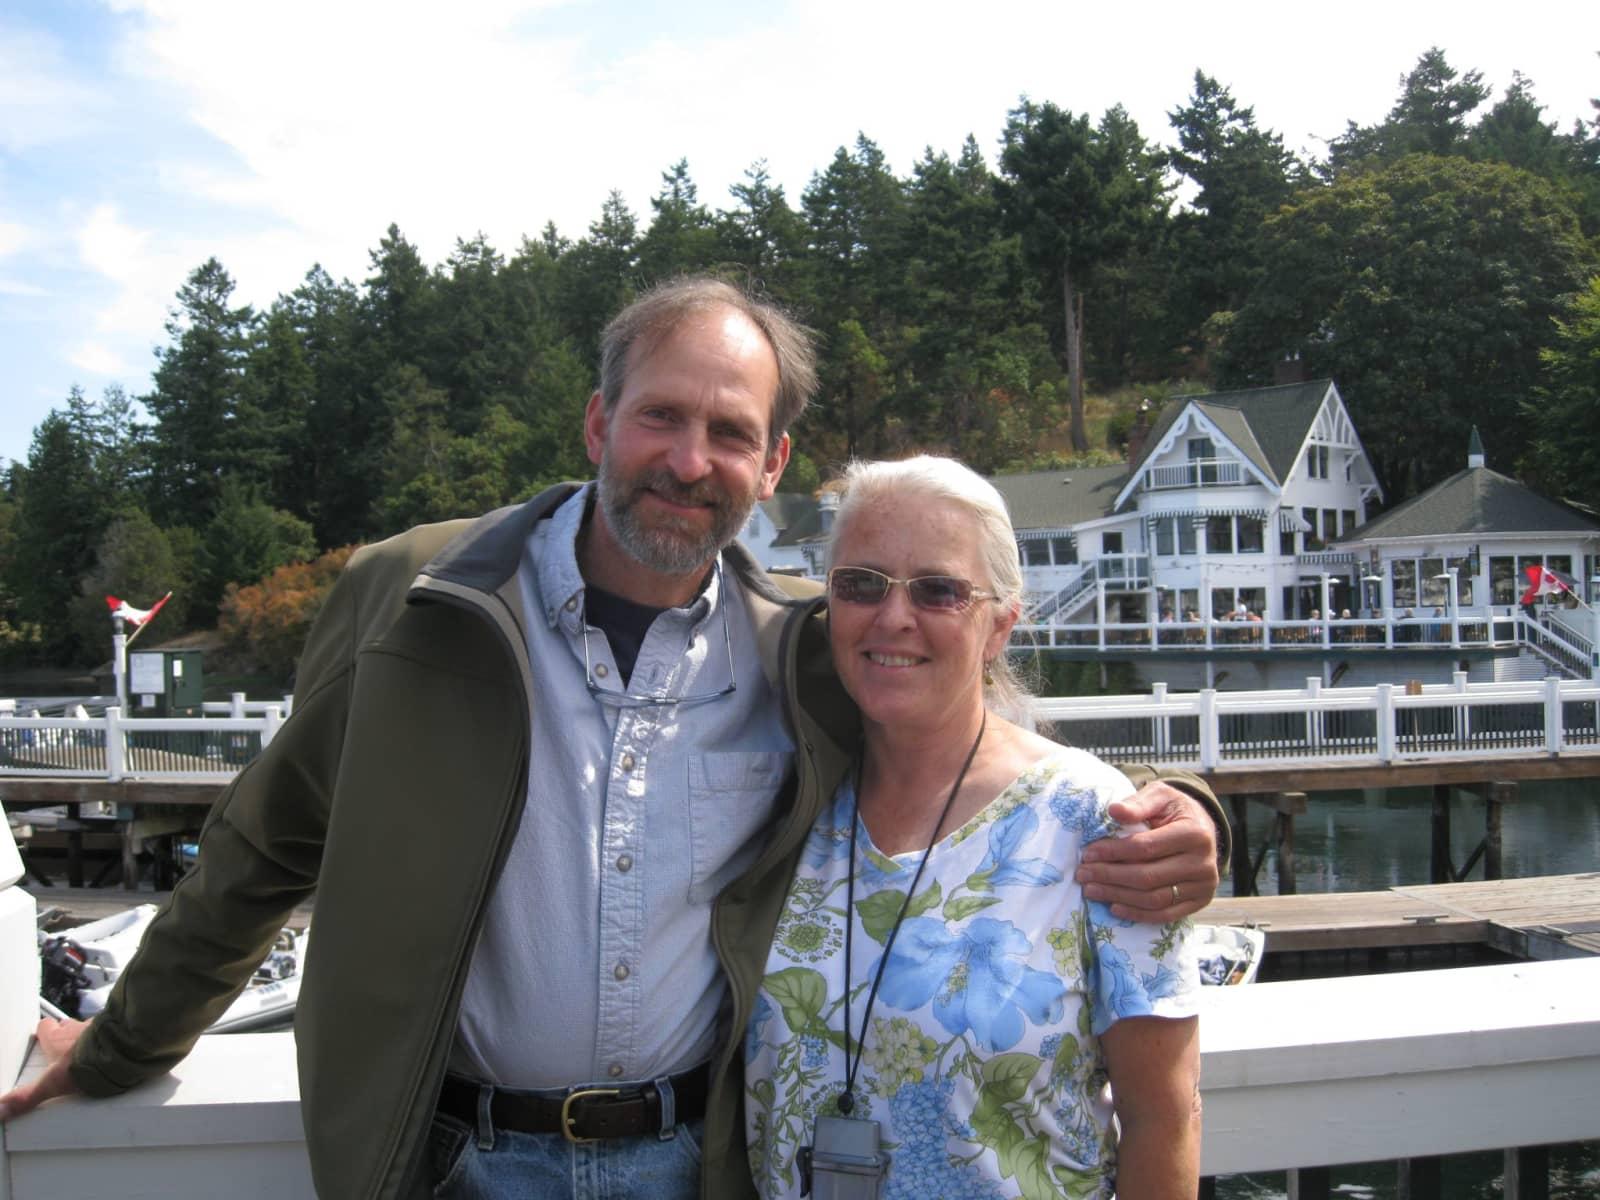 Barbara & fred & Fred from Friday Harbor, Washington, United States